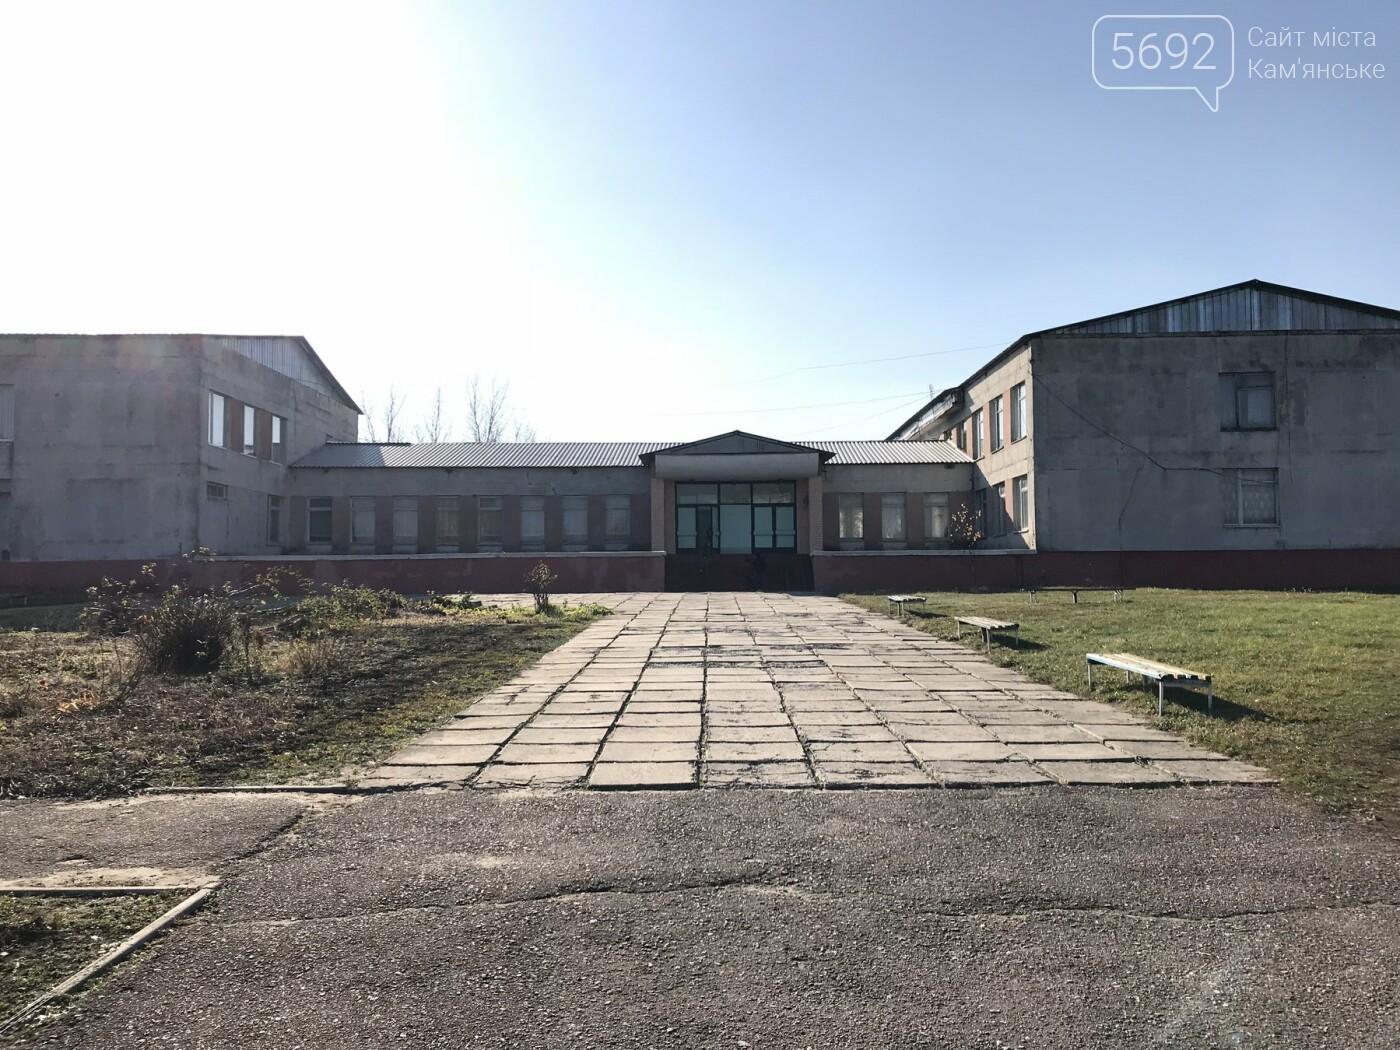 Что получит Каменское в случае присоединения: репортаж из Степового, фото-28